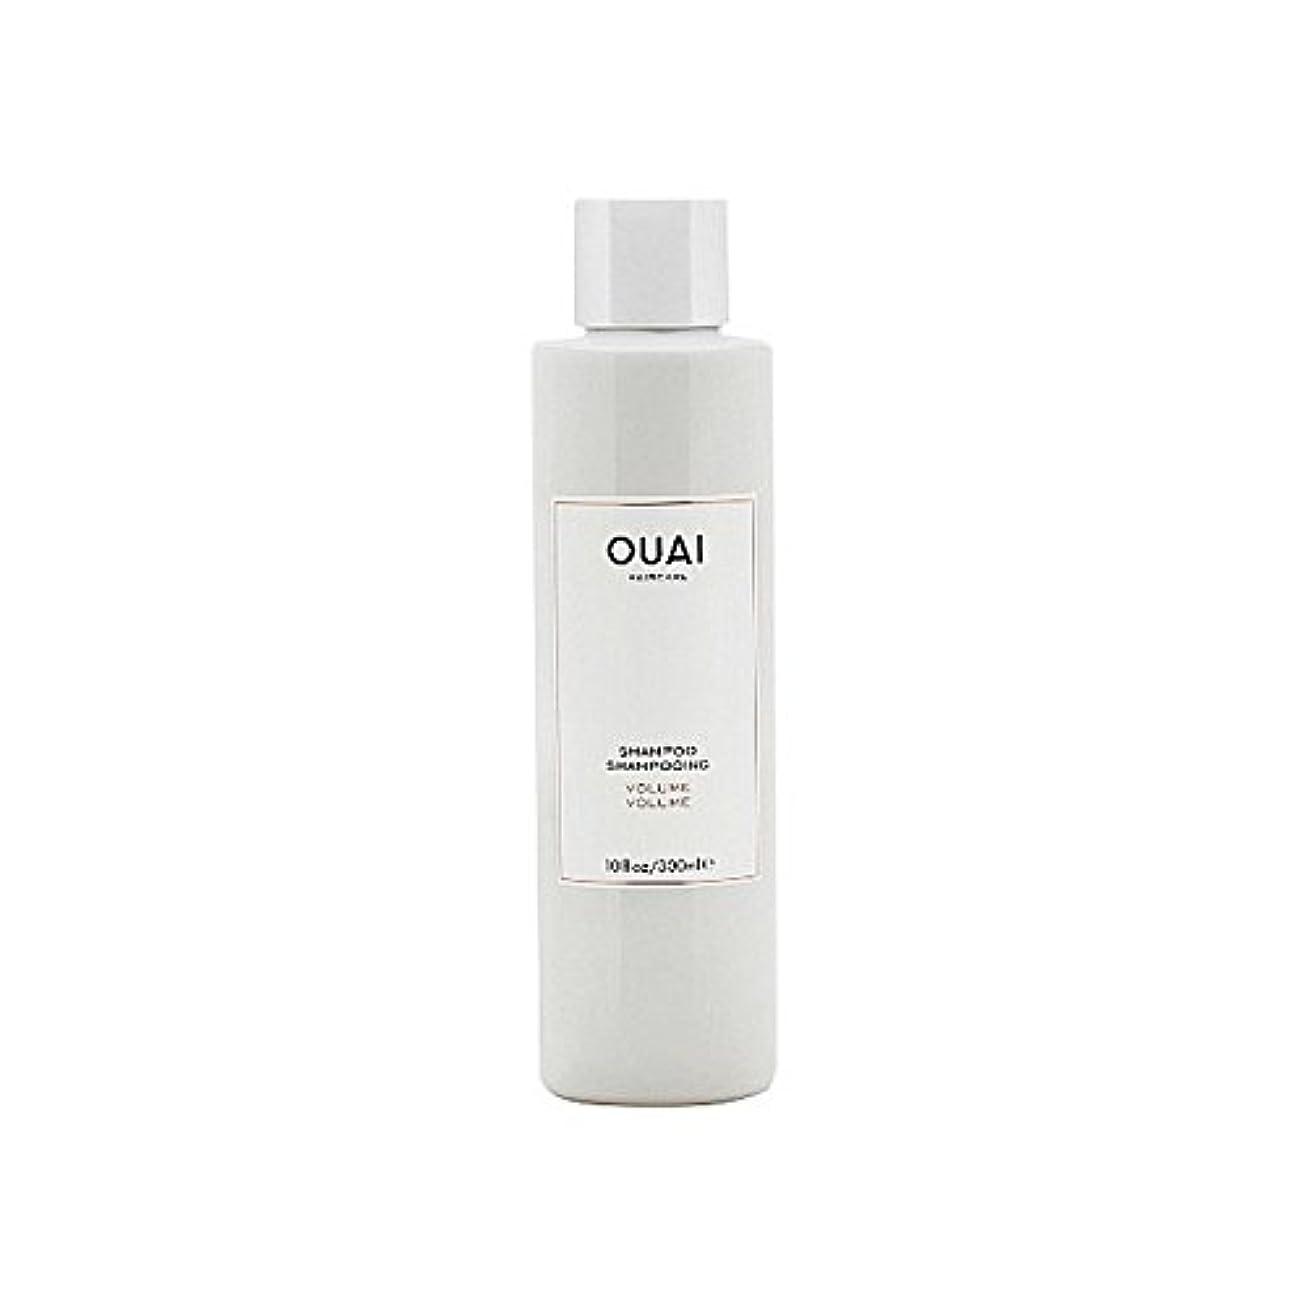 エキゾチック定規わずかにOuai Volume Shampoo 300ml - ボリュームシャンプー300ミリリットル [並行輸入品]